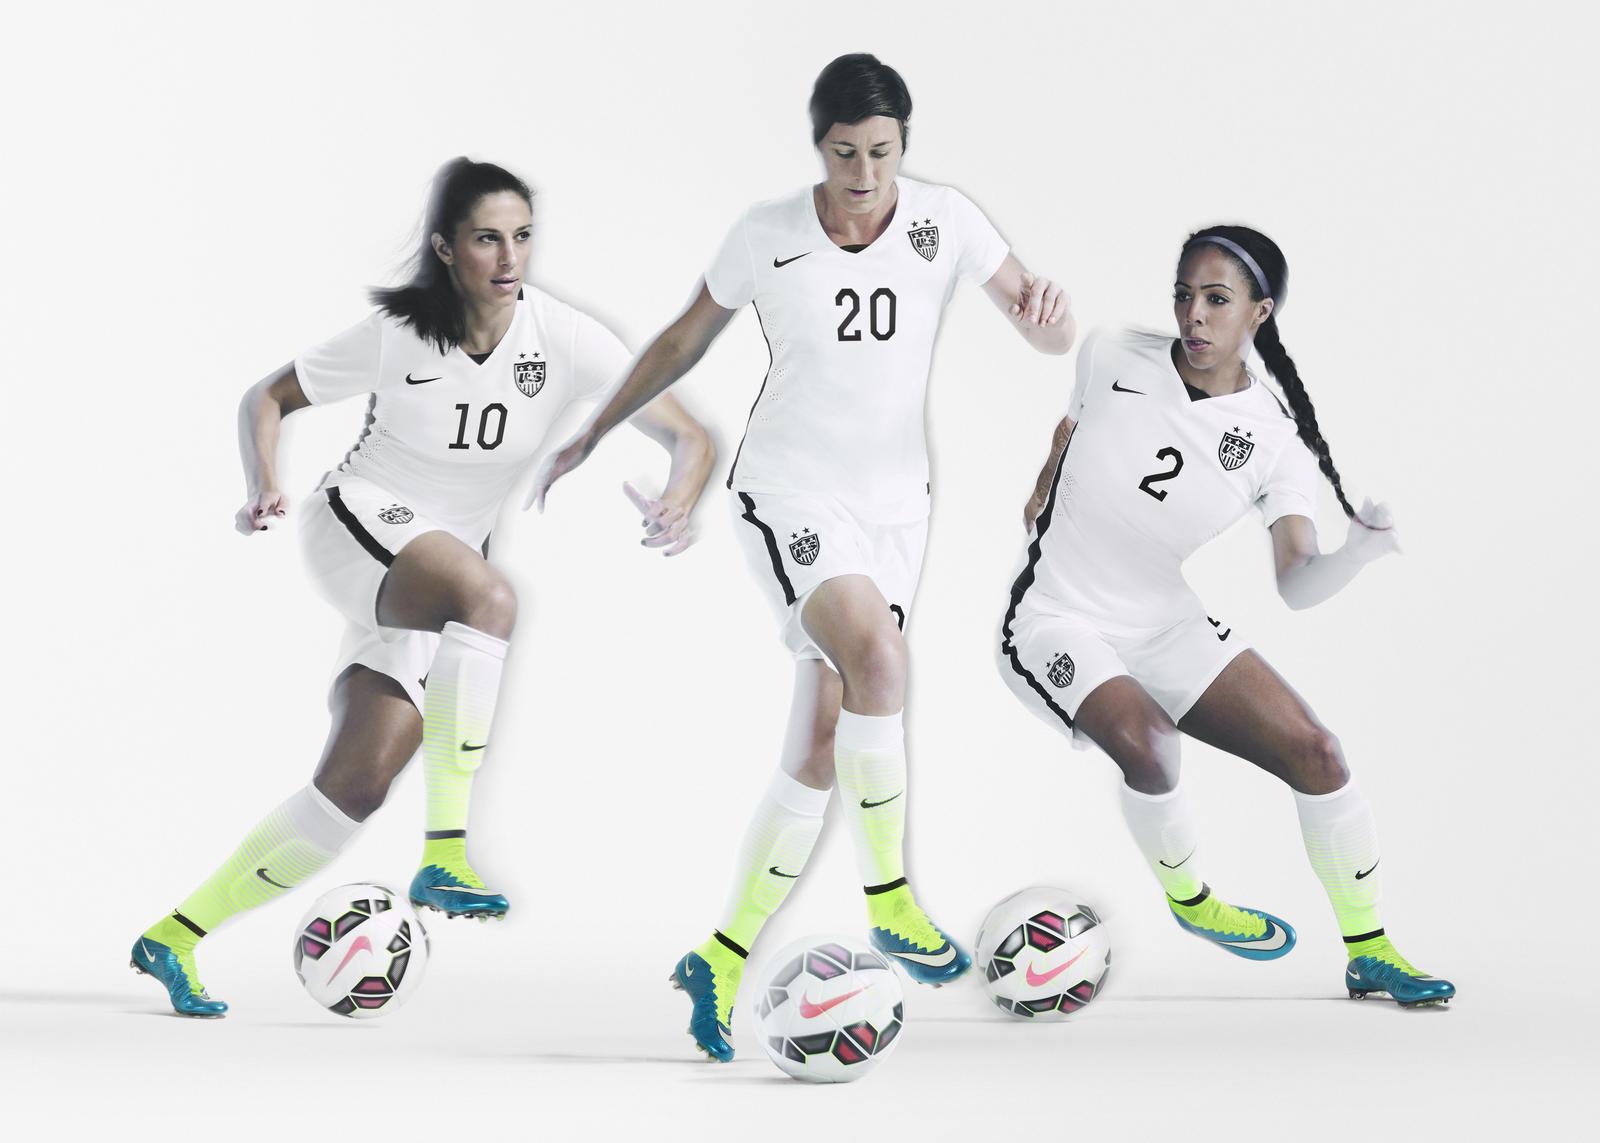 Le Nouveau Maillot Nike Des Usa Pour La Coupe Du Monde